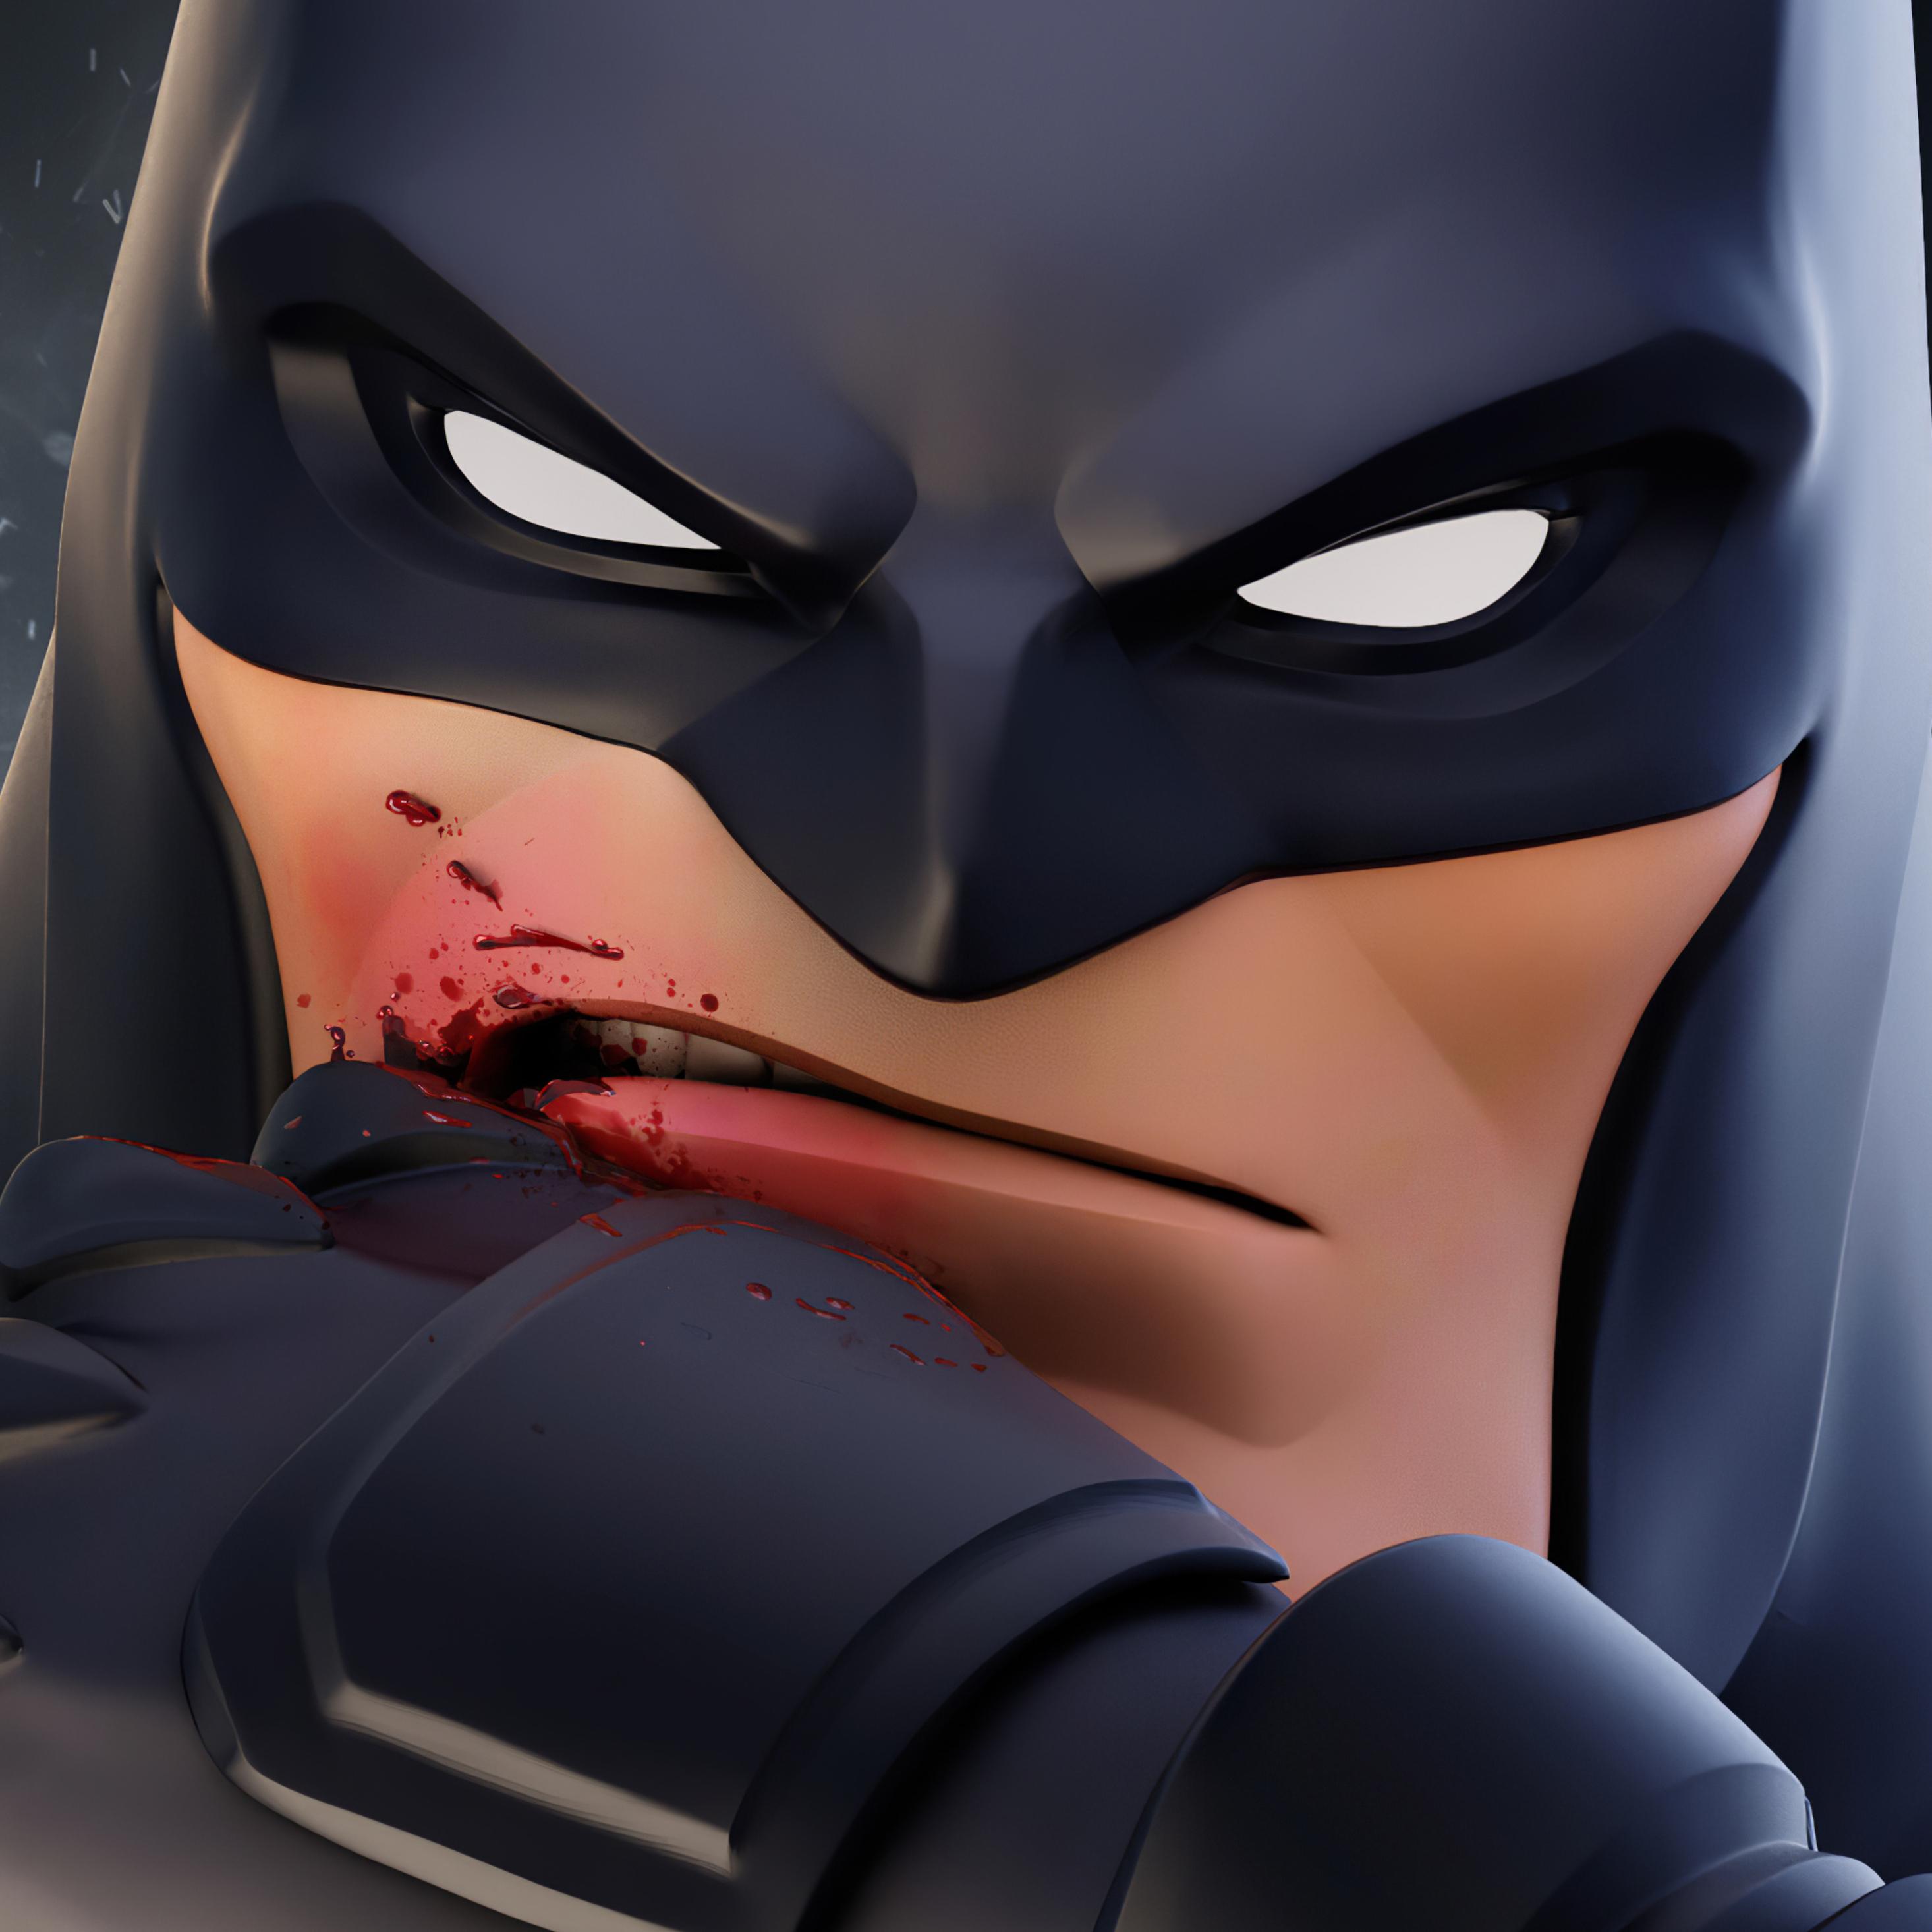 batman-digital-art-2020-7m.jpg